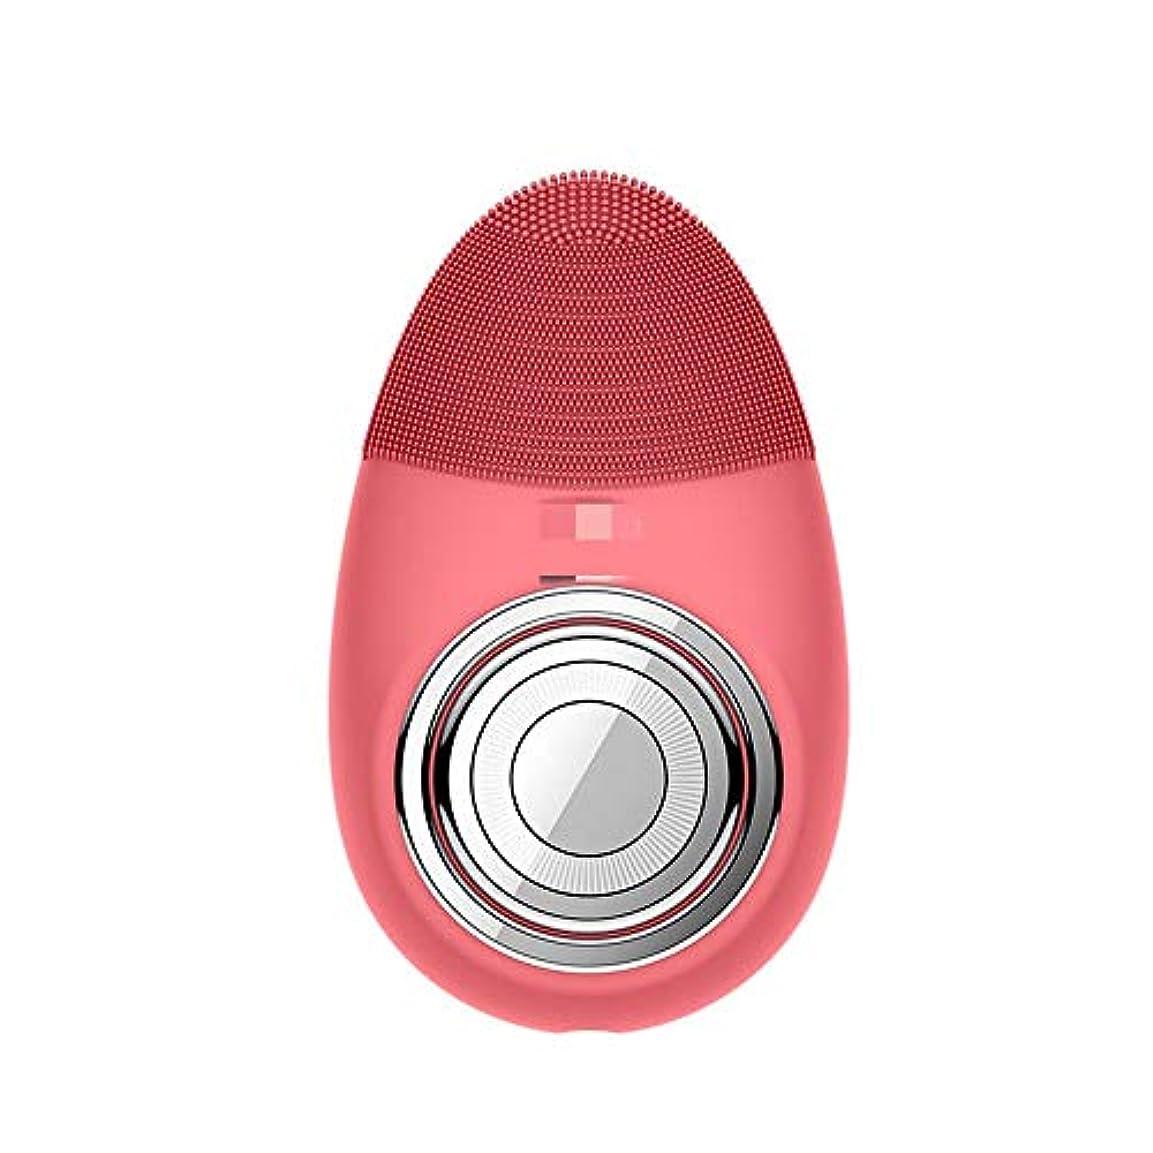 感謝祭専門知識送ったChaopeng 多機能電気恒温シリコーンクレンジング楽器赤灯肌清潔毛穴クリーナー輸入機器美容機器 (Color : Red)